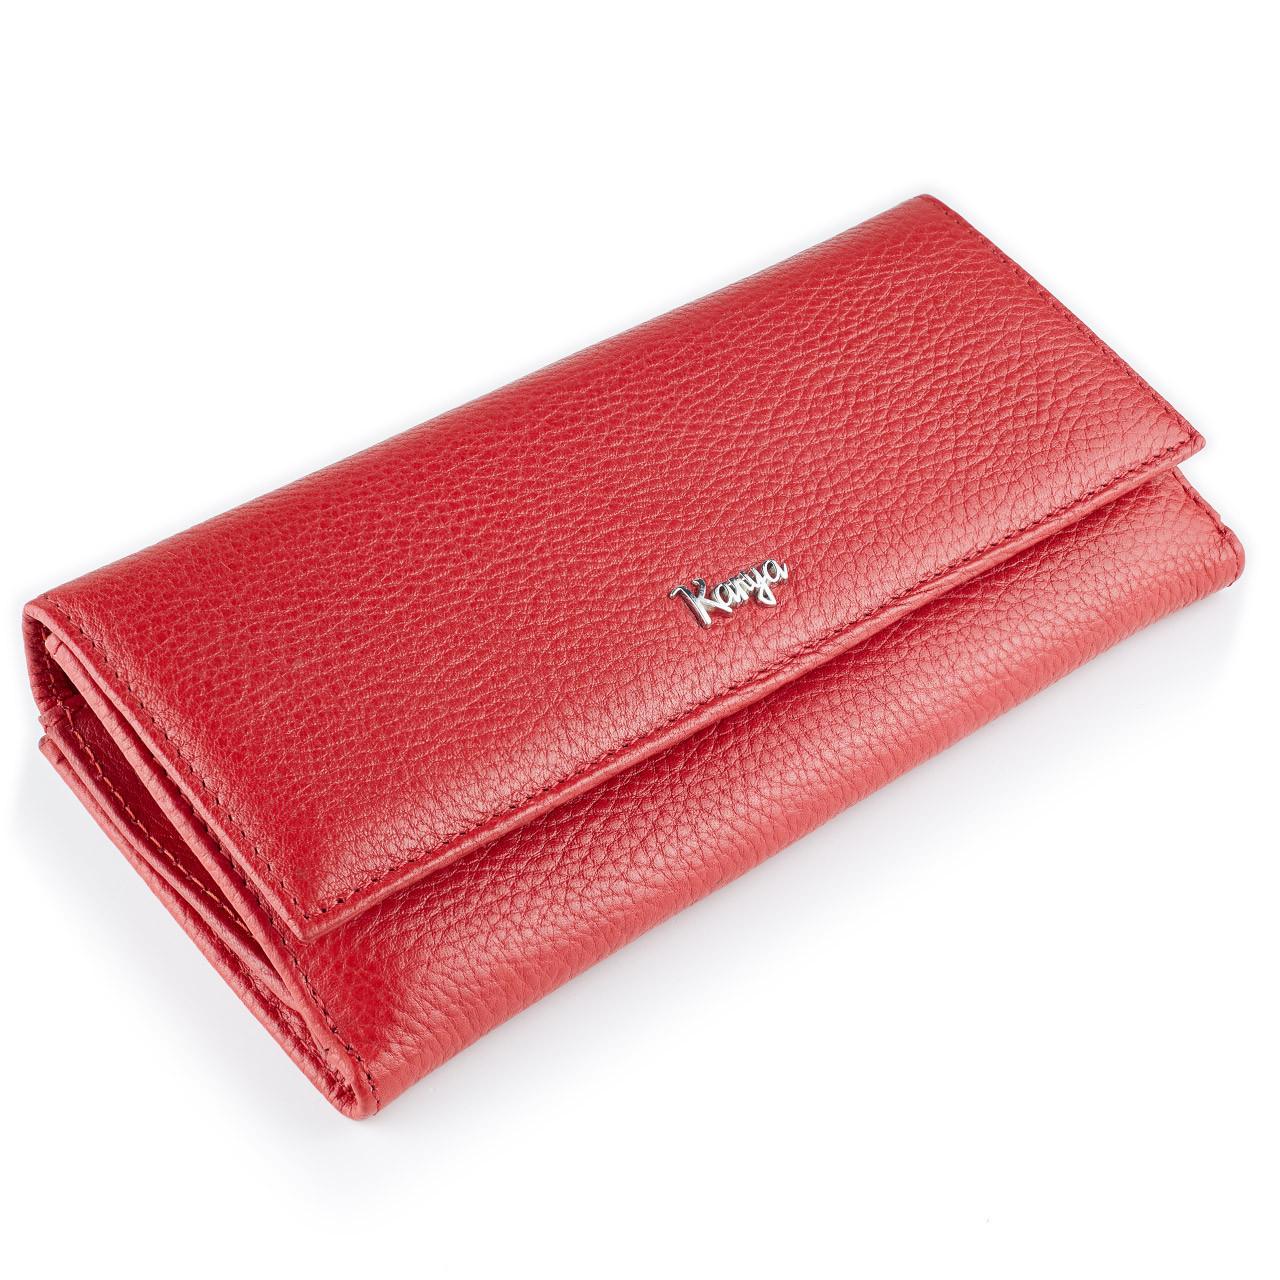 Большой женский кошелек Karya 1133-46 из натуральной кожи красный